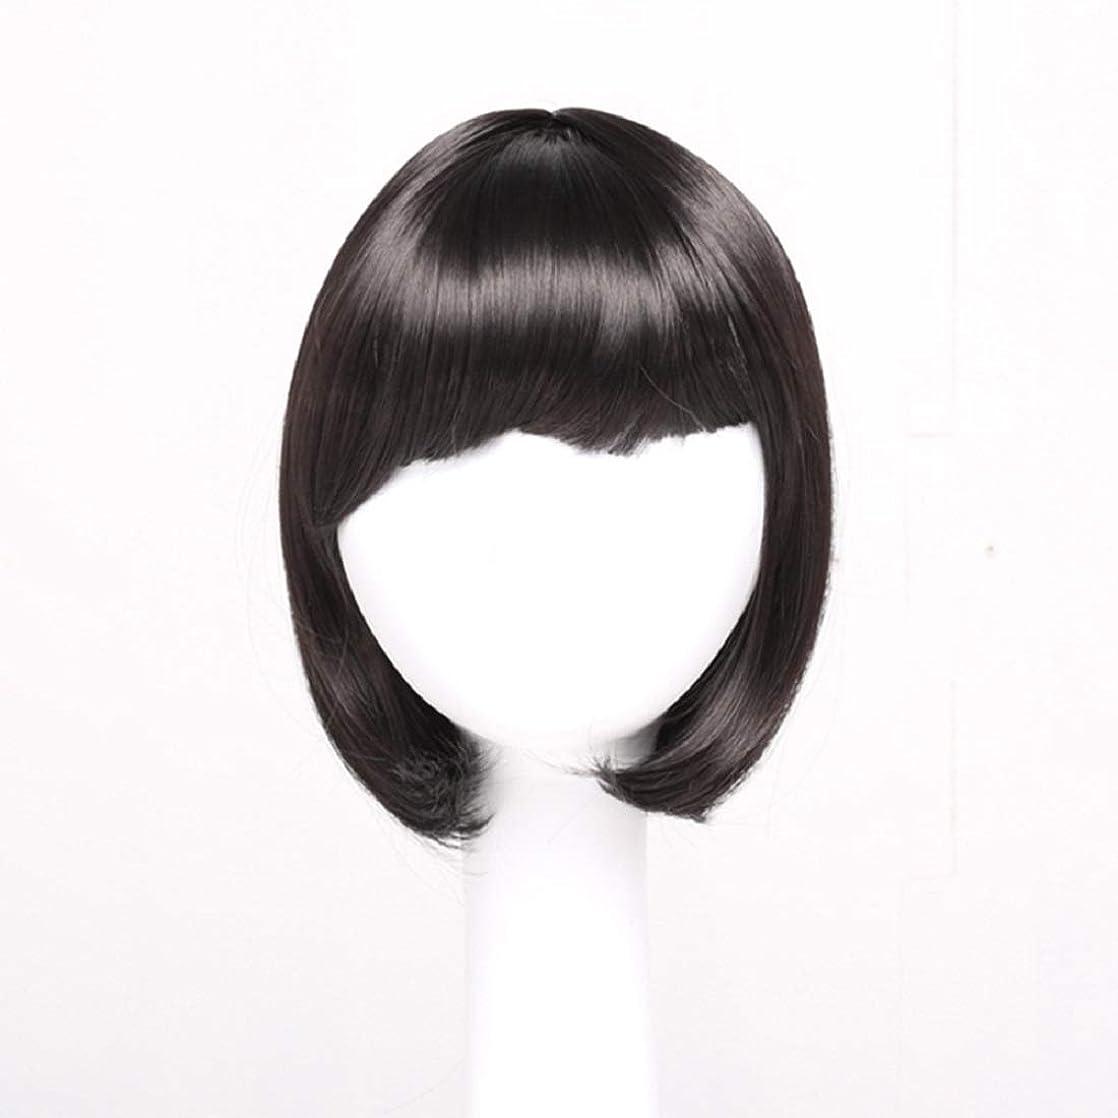 スパイラル負担不可能なSummerys レディースブラックショートストレートヘアー前髪付き前髪ウェーブヘッドかつらセットヘッドギア